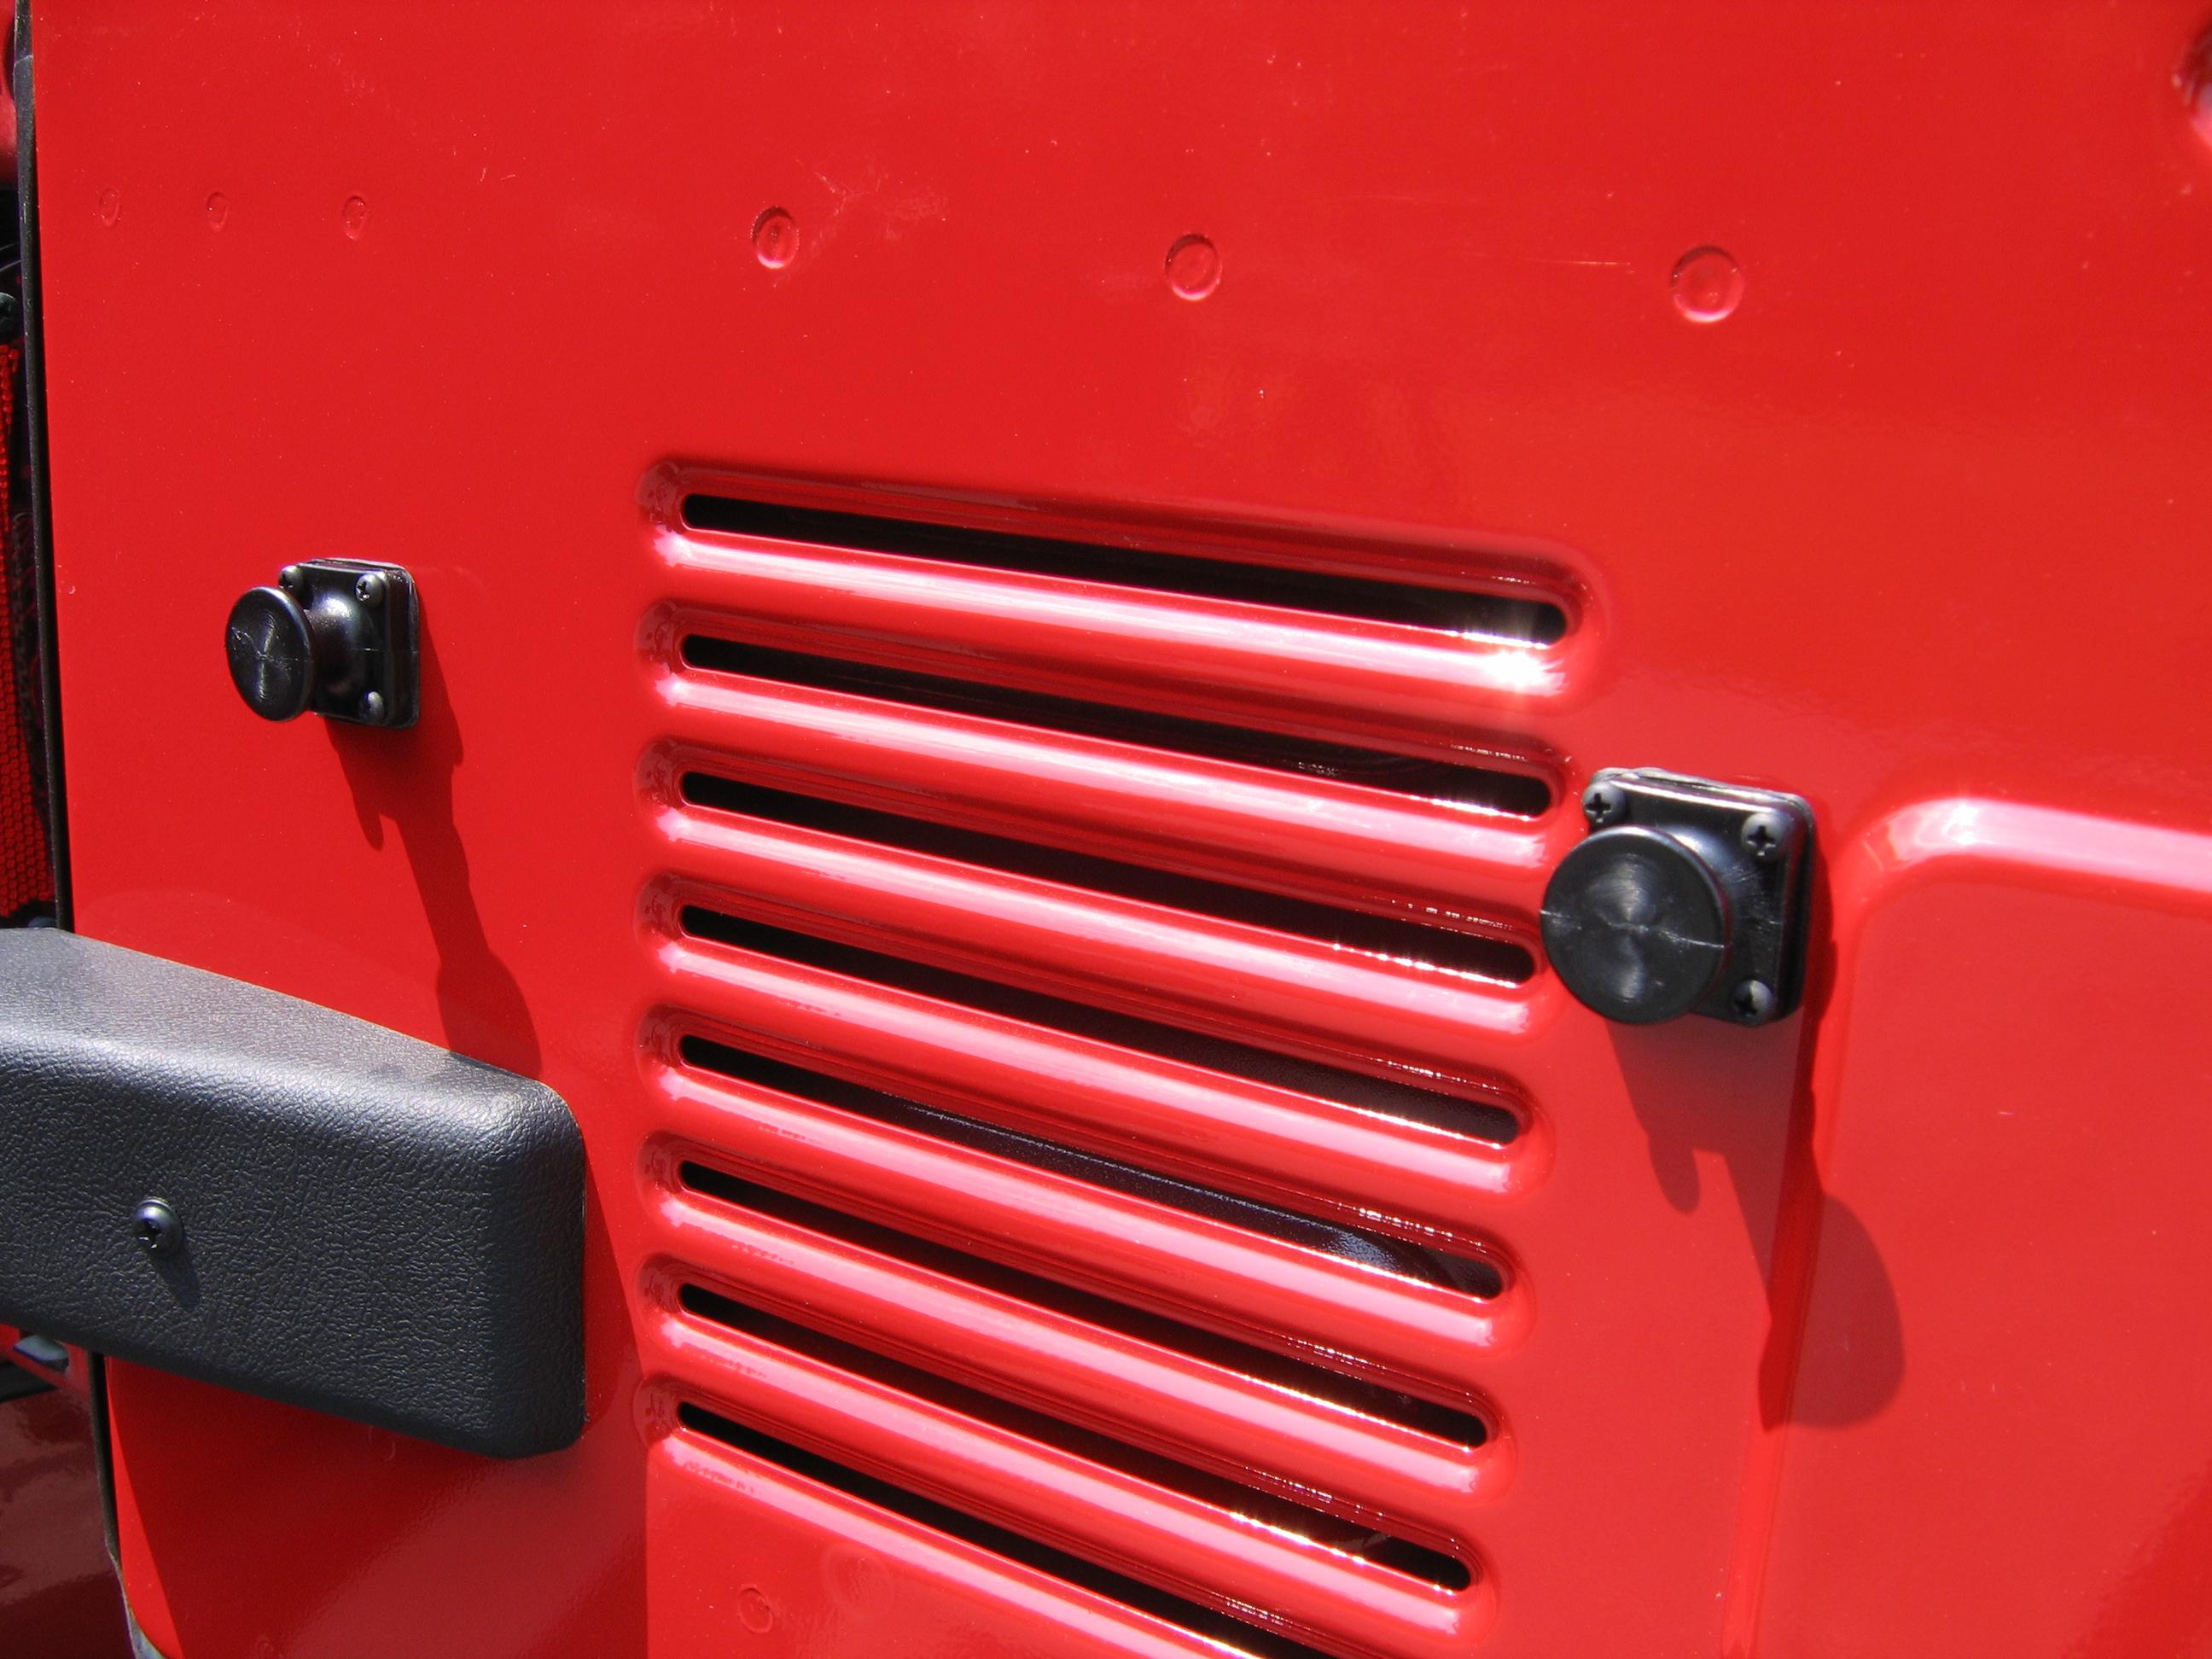 Jeep Speakers Stealth Pod Speaker System Cj7 Subwoofer